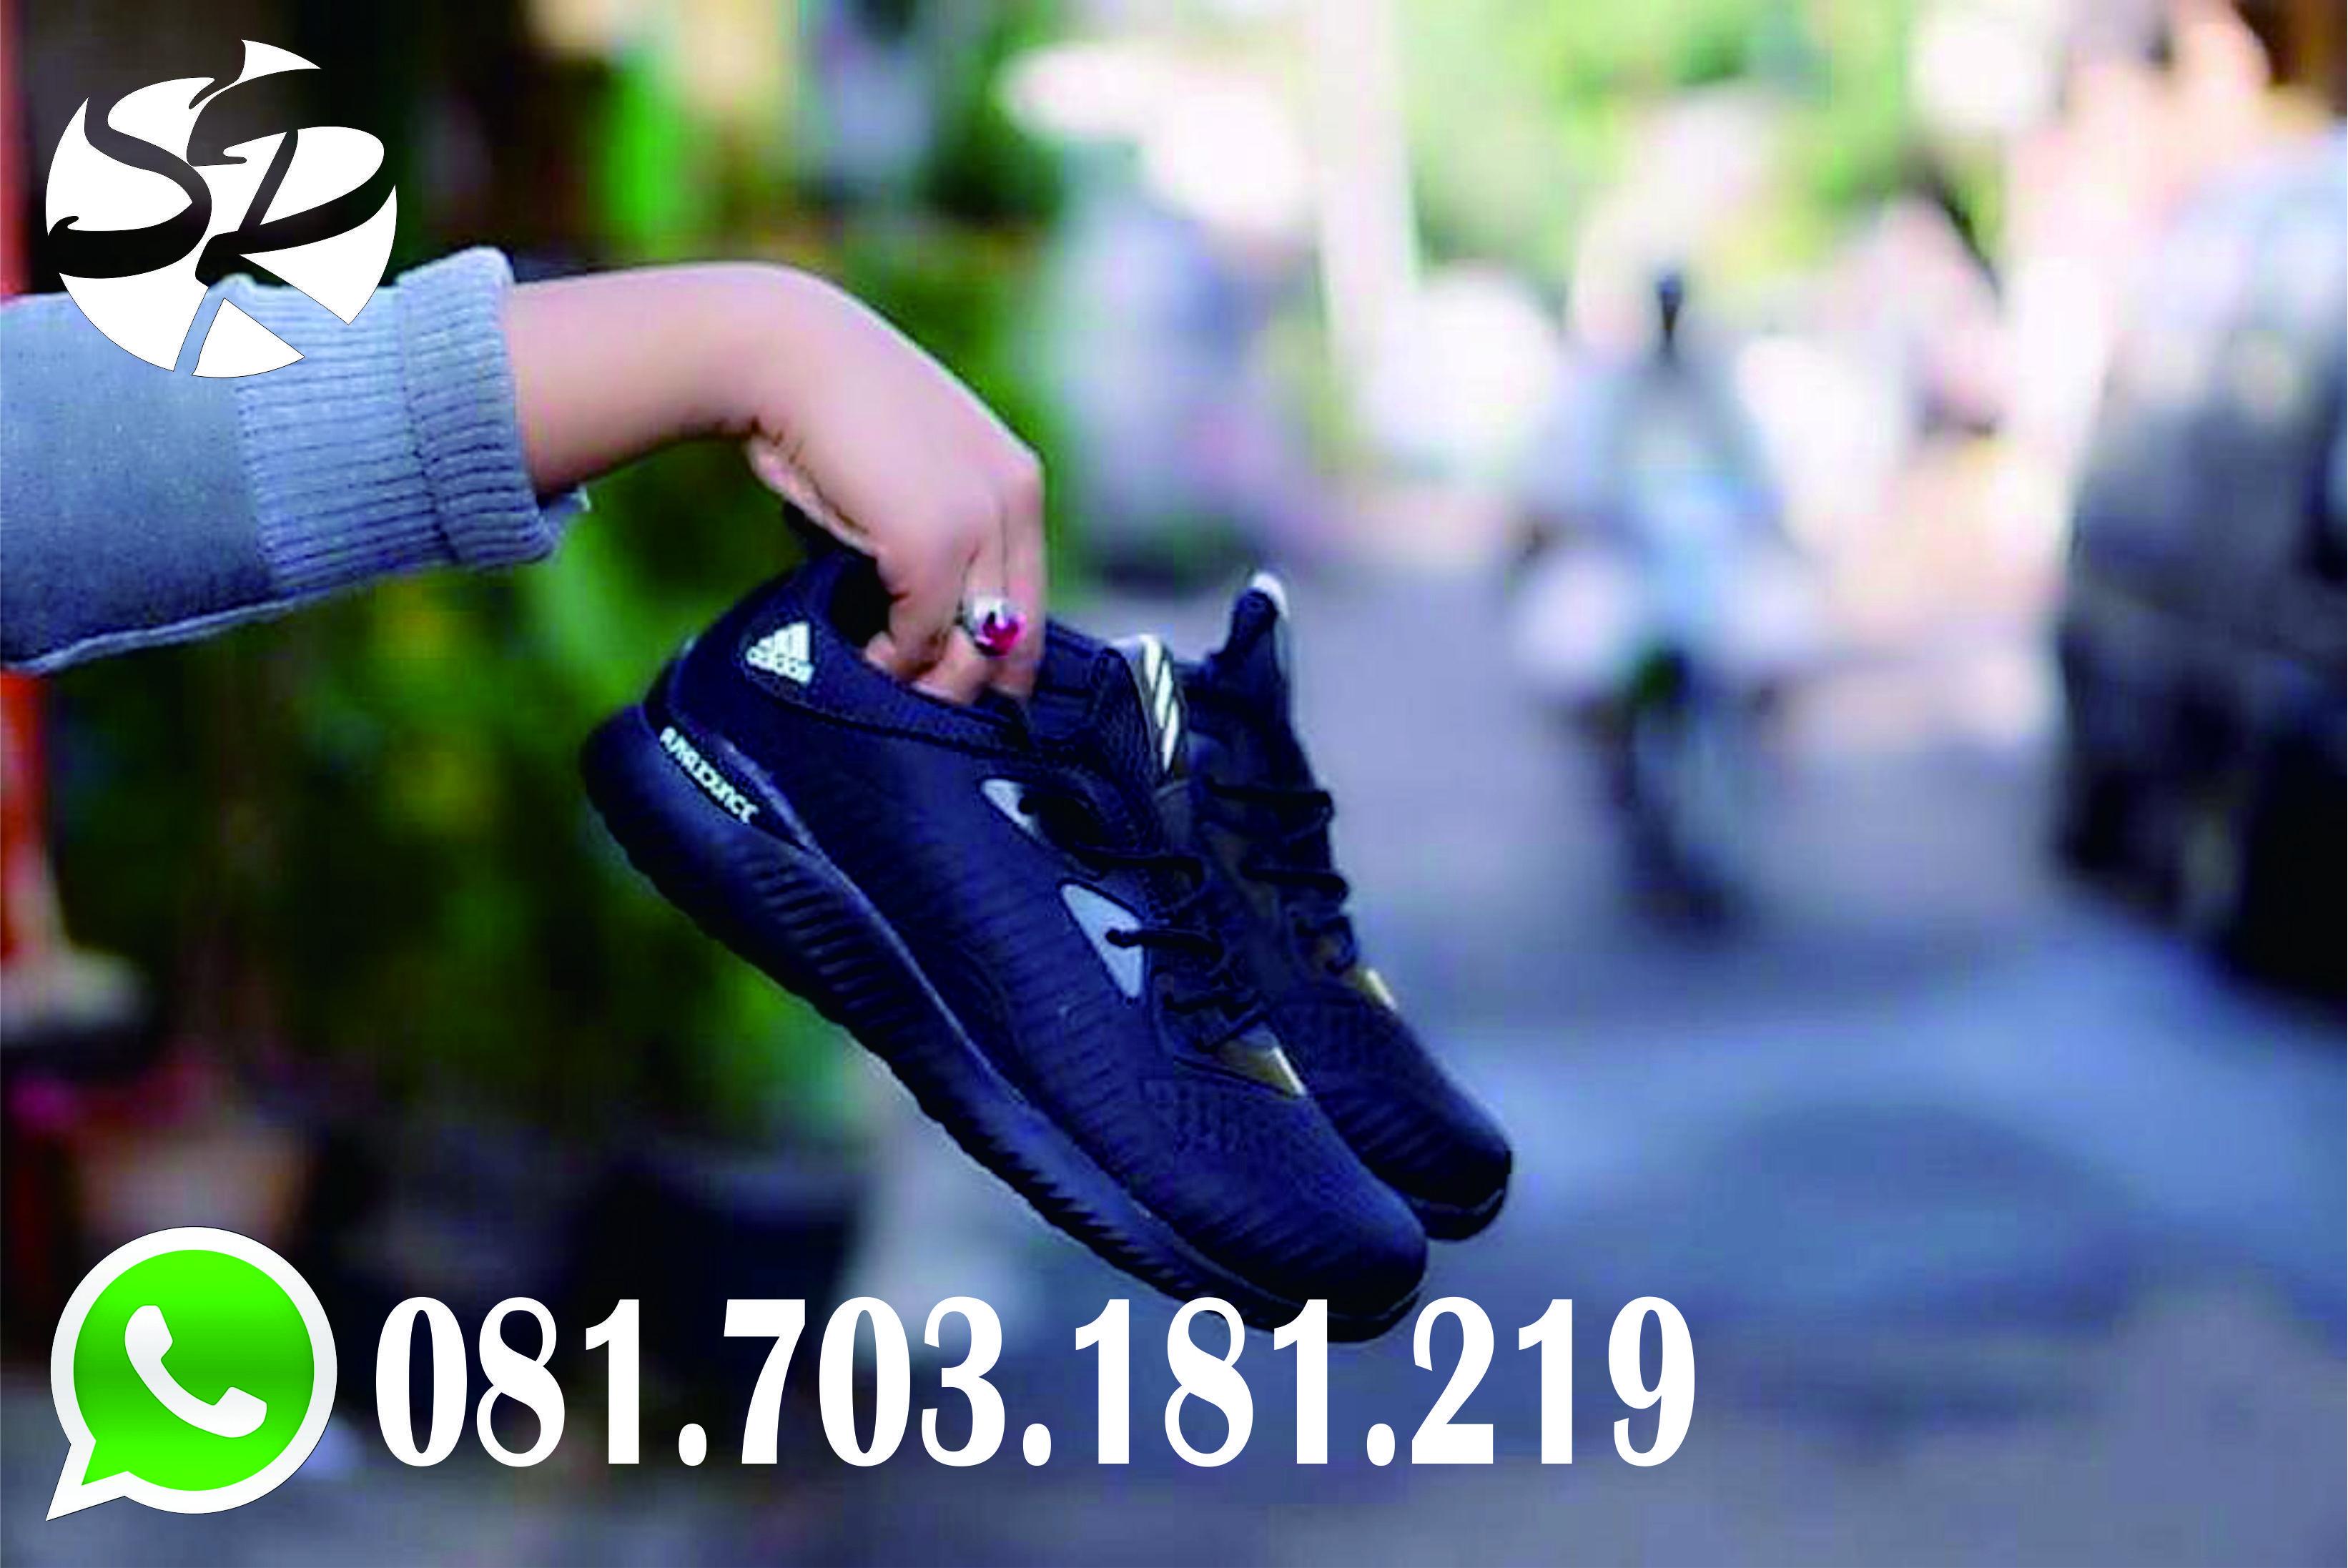 081 703 181 219 Sepatu Sekolah Bagus Sepatu Sekolah Bermerek